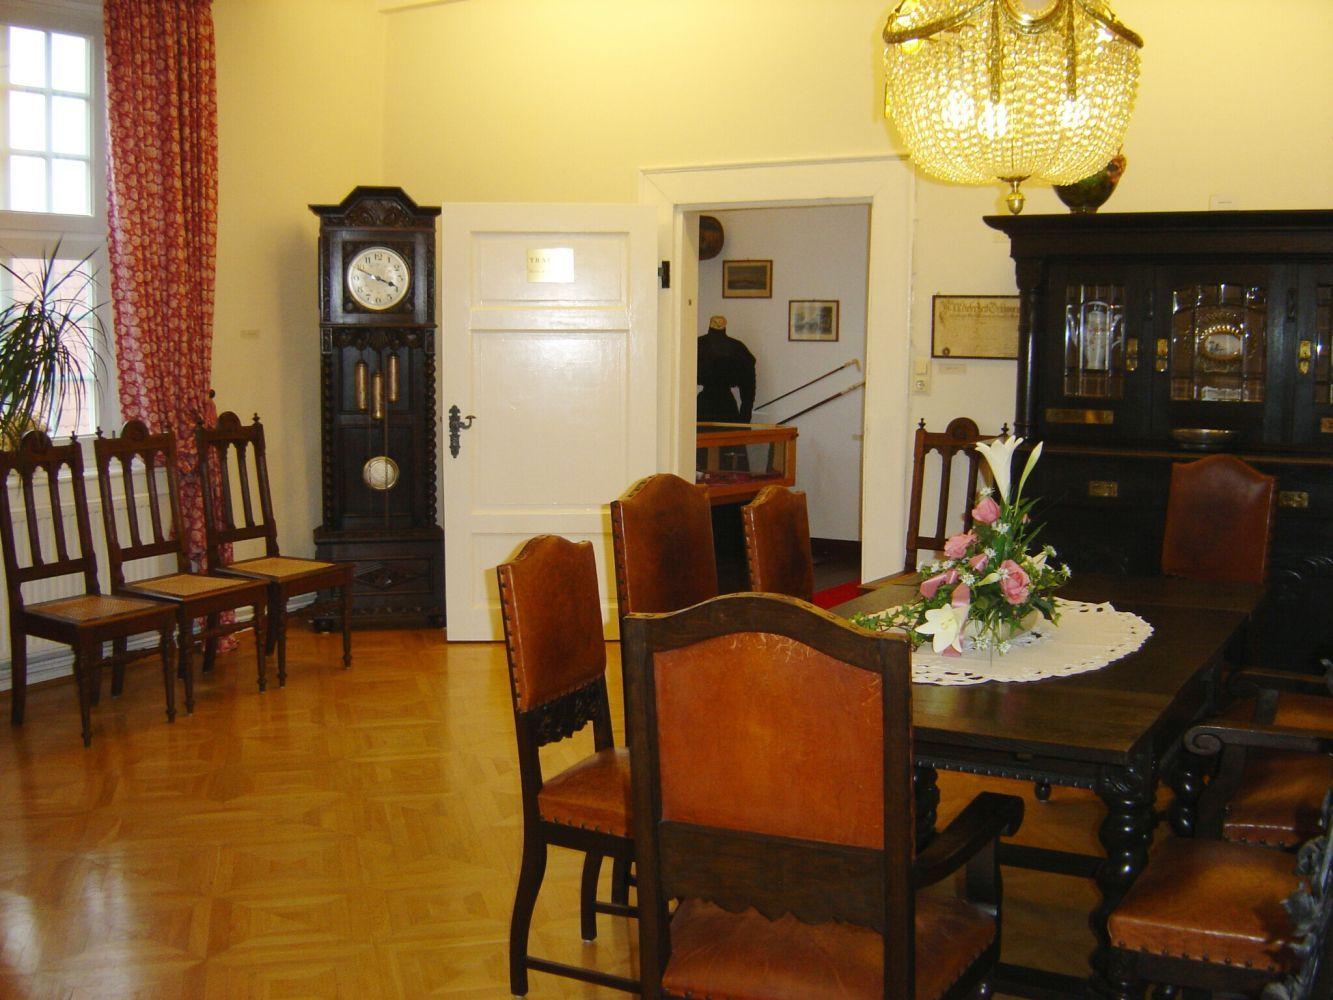 Domherrenhaus - Beckmann-Zimmer